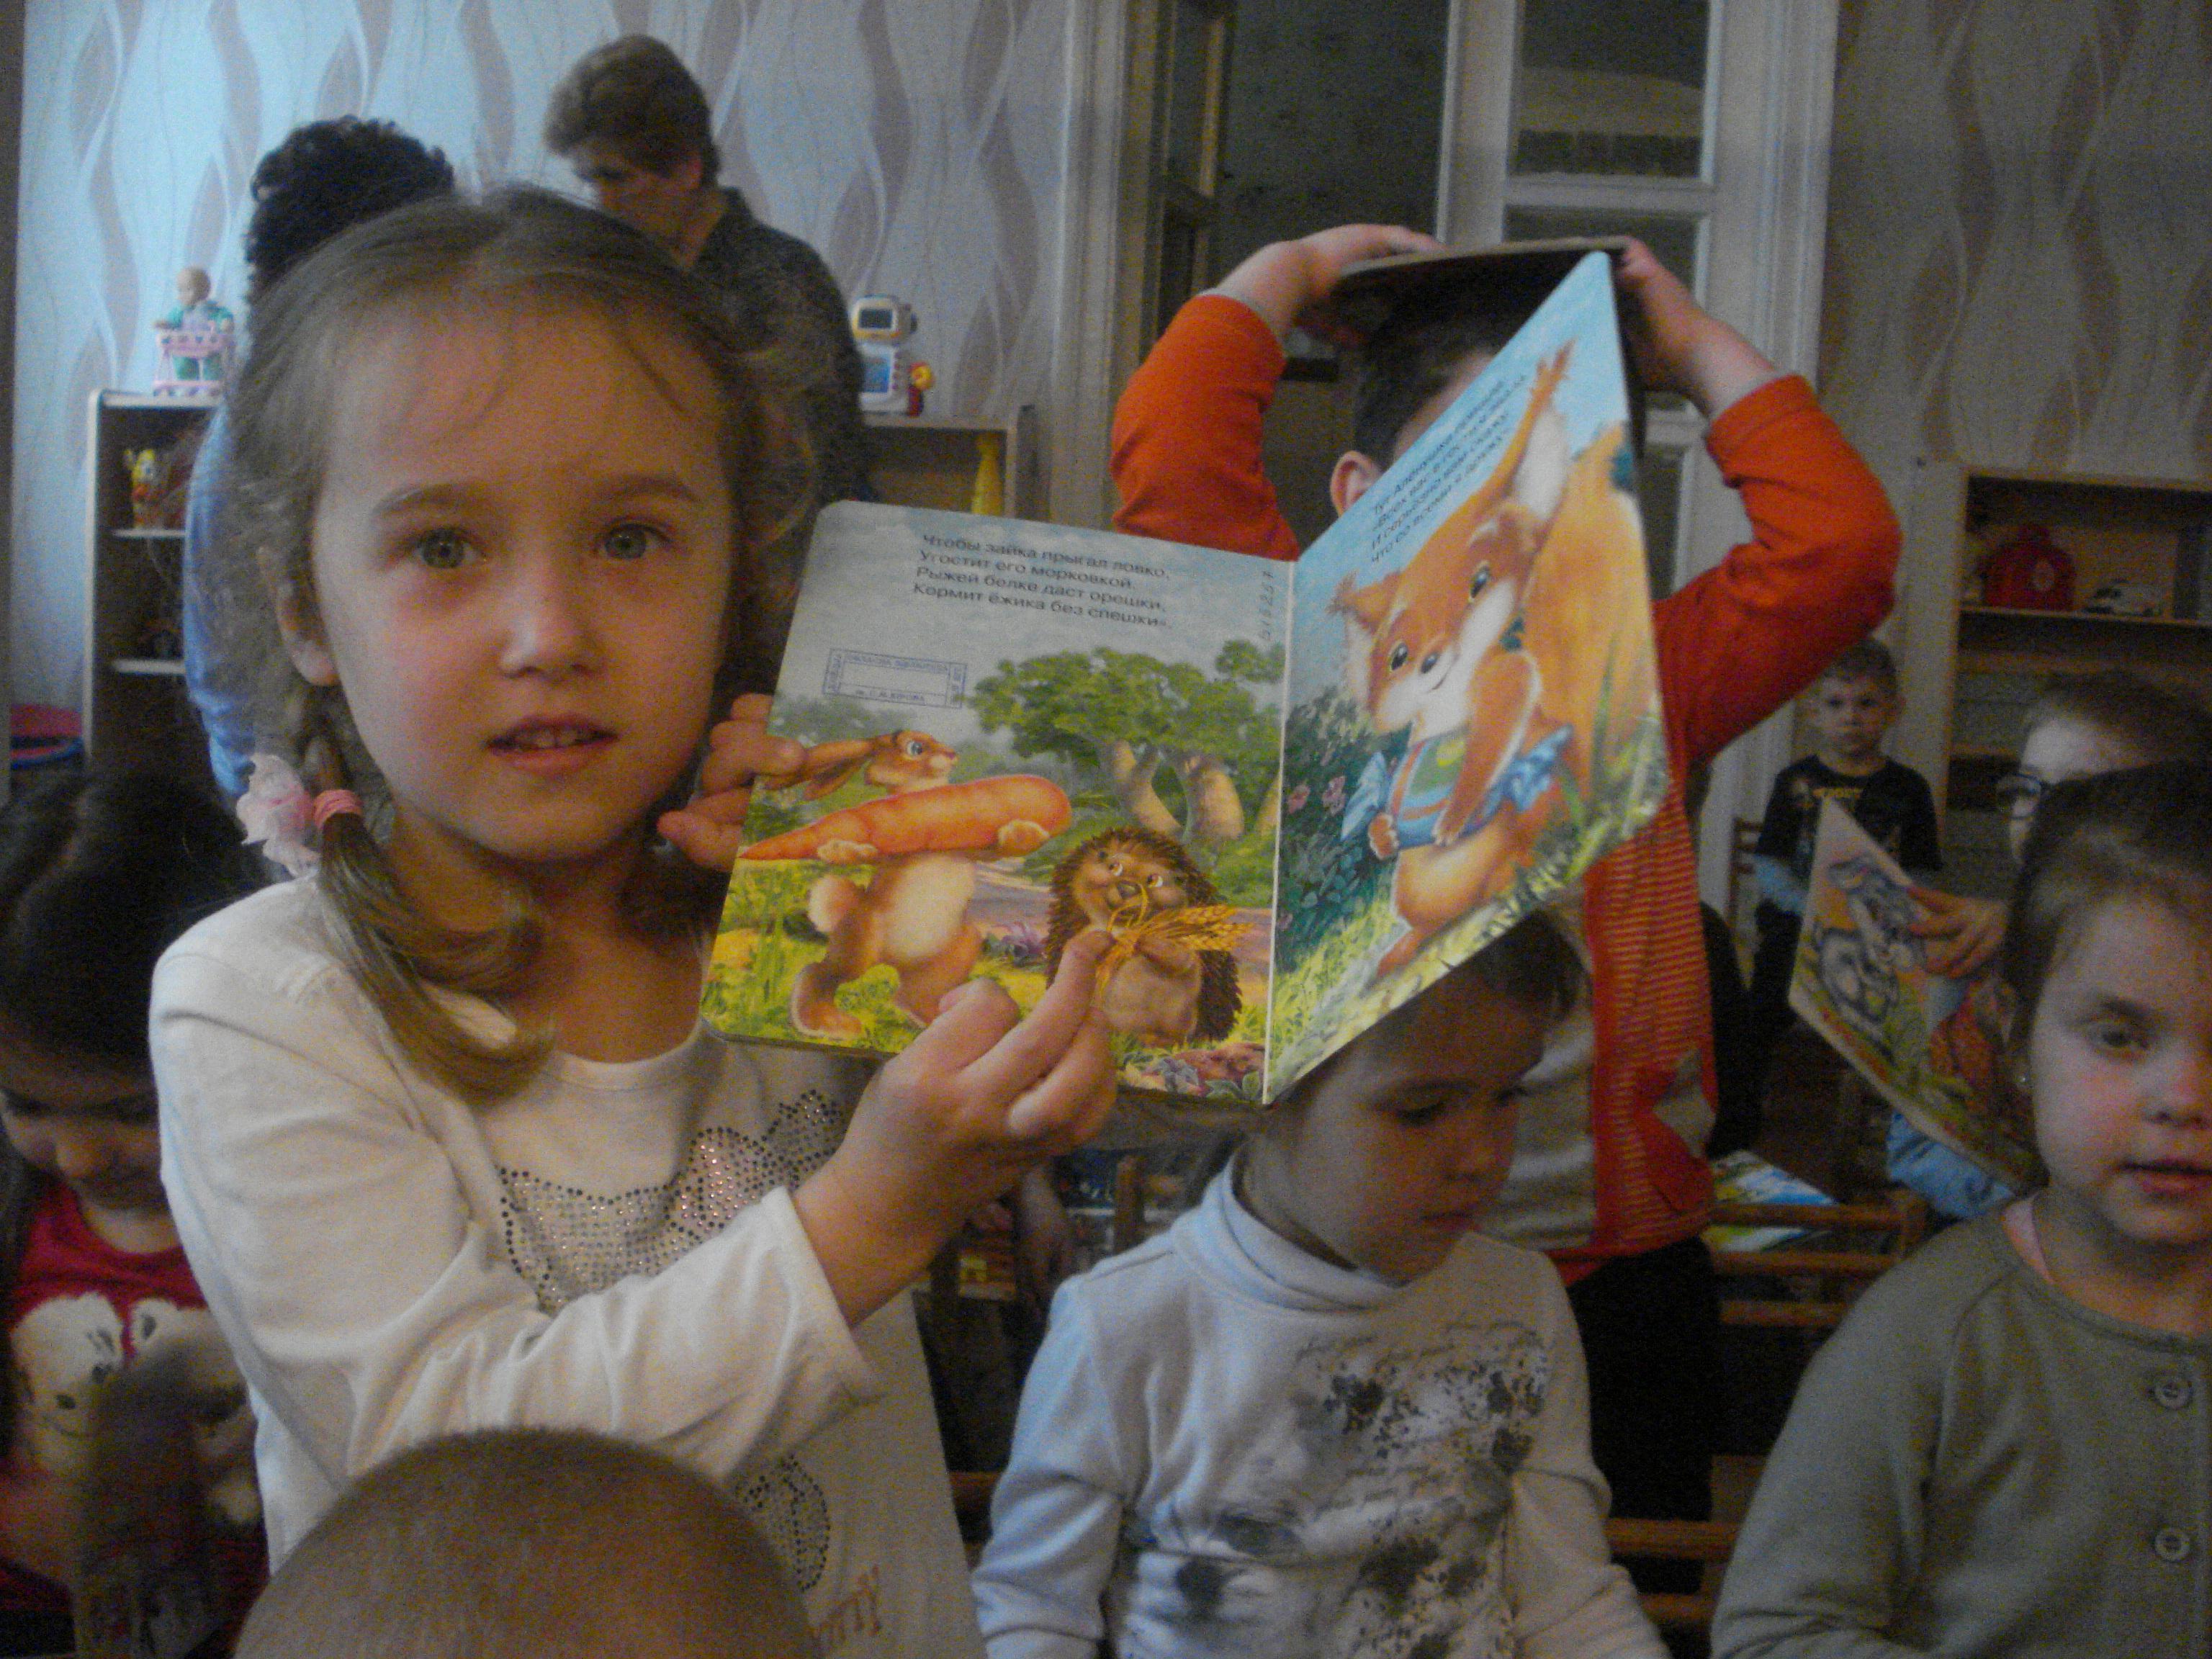 страна чудес и волшебства, донецкая республиканская библиотека для детей, отдел обслуживания дошкольников и учащихся 1-1 классов, воспитание сказкой, сказки для детей, пропаганда чтения